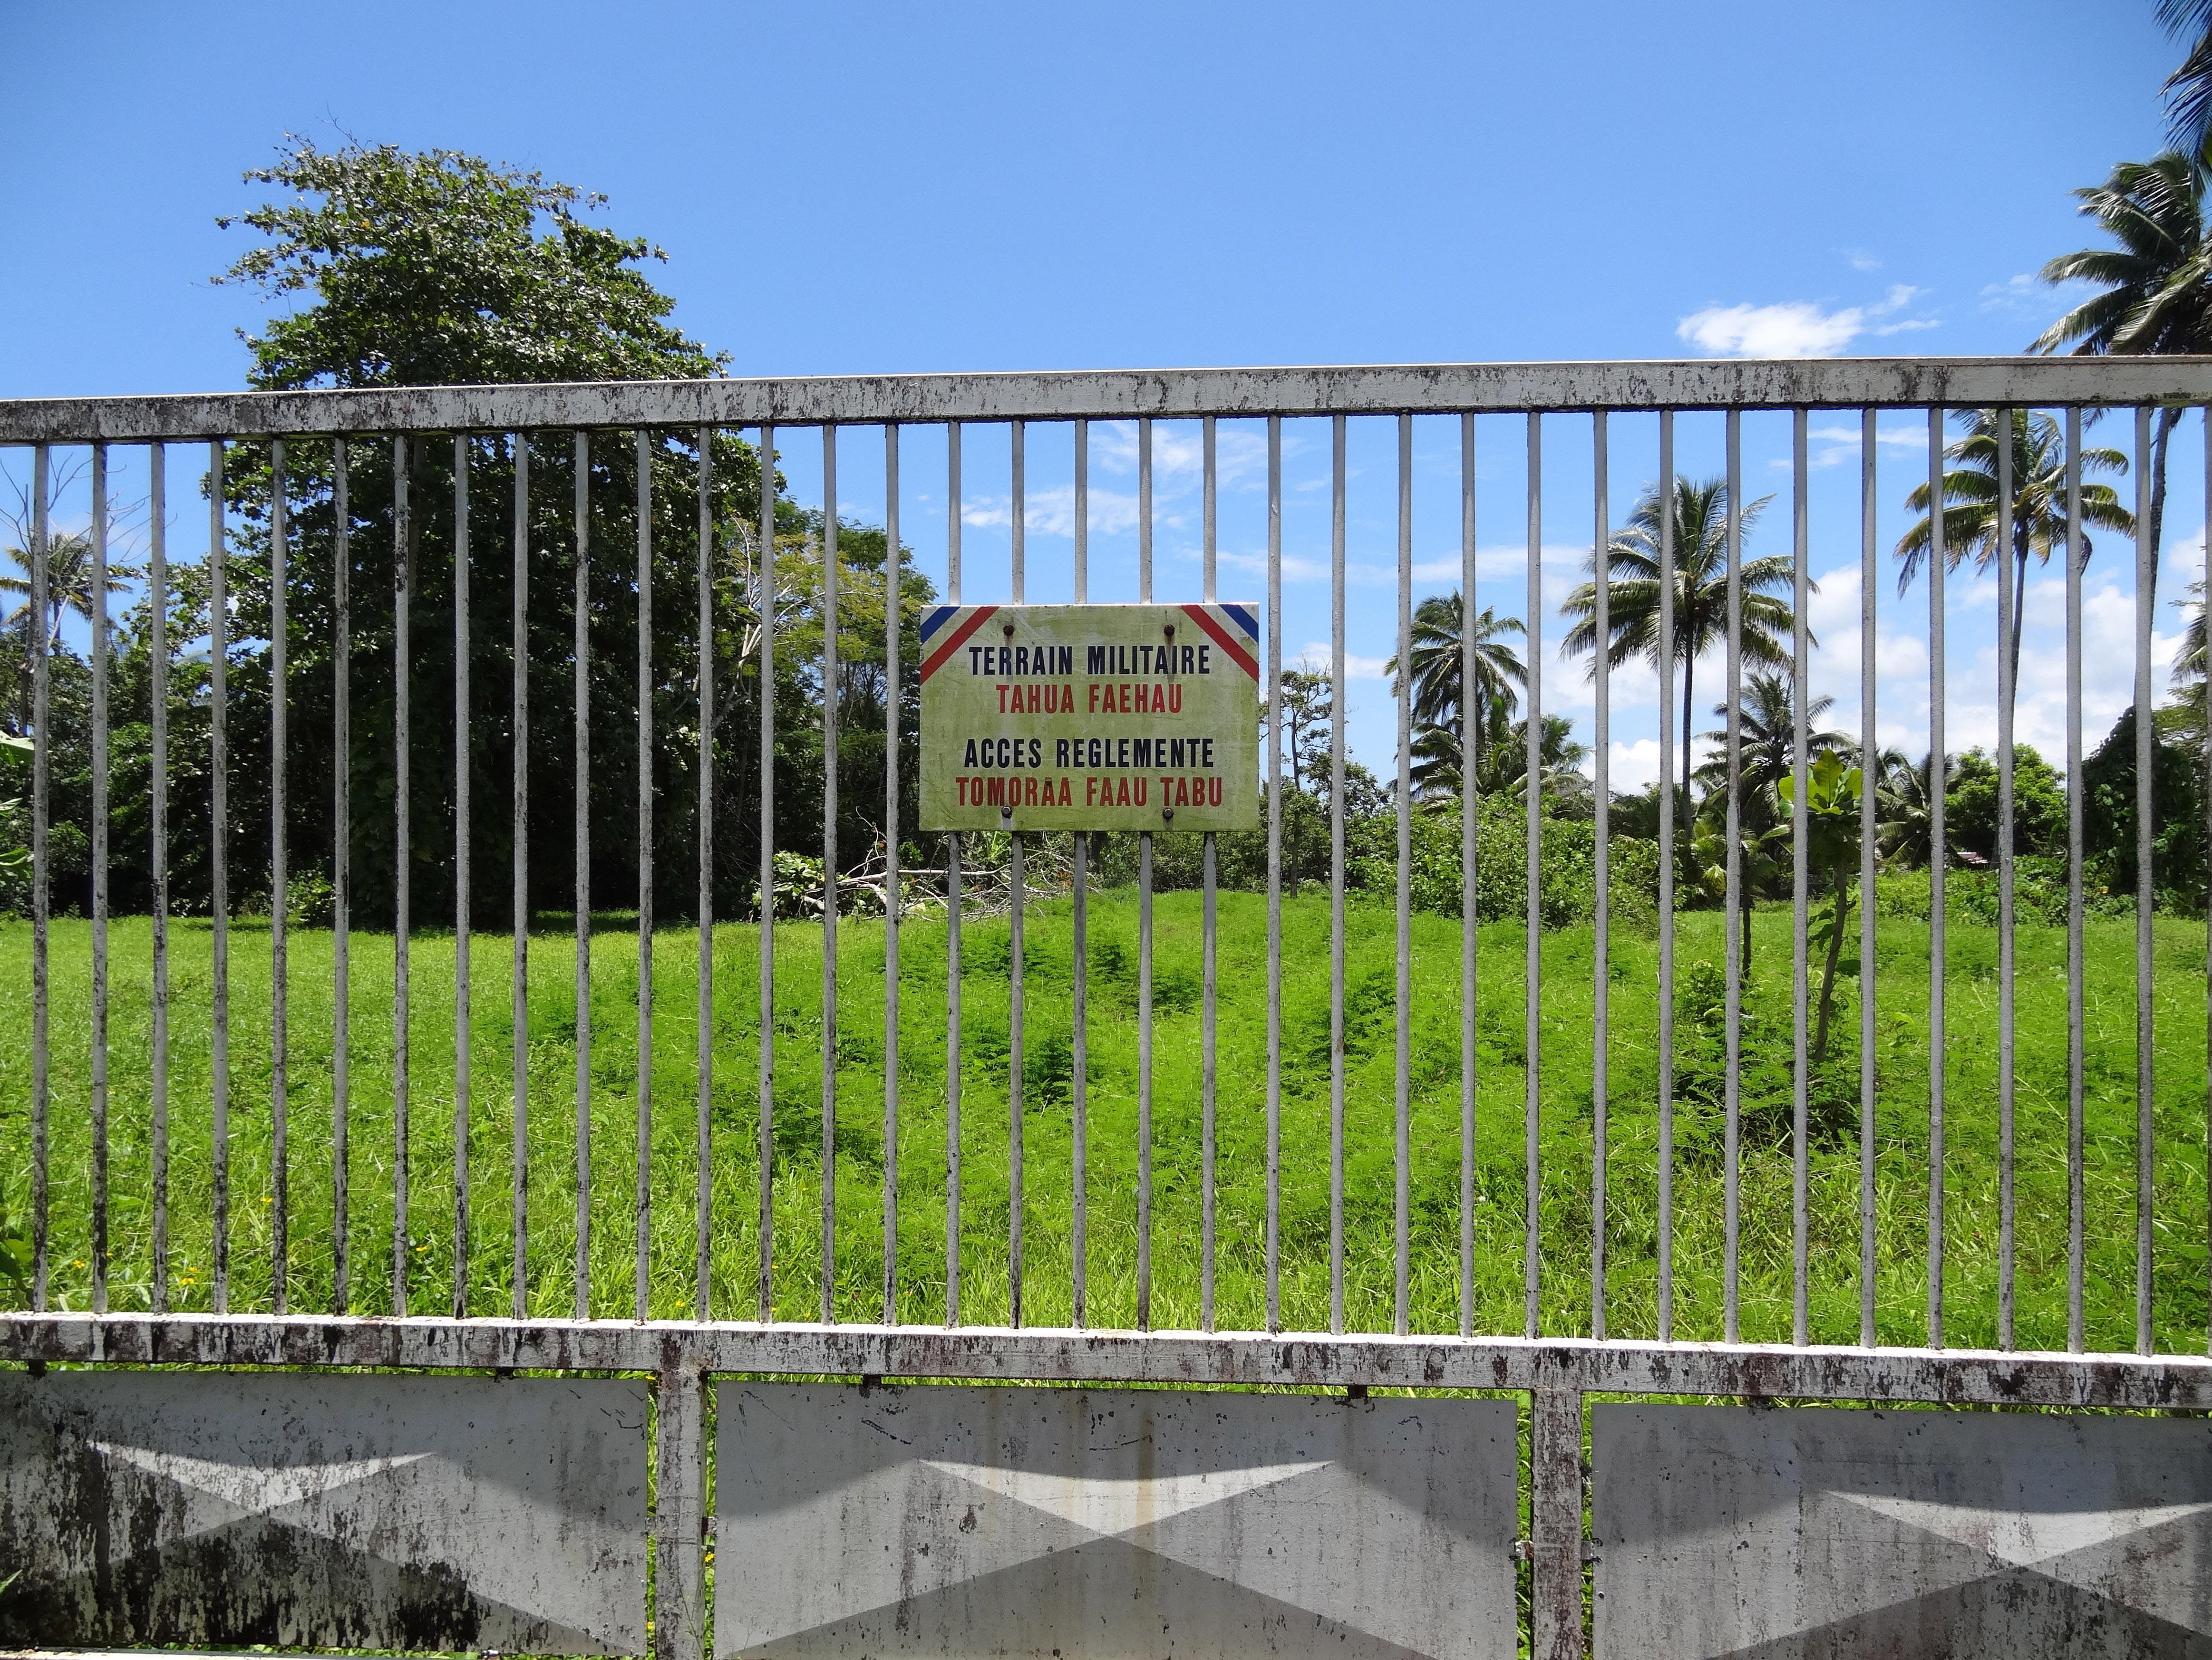 Le site qui a été cédé à la commune de Taiarapu Est s'étend sur une superficie de 10 000 m².